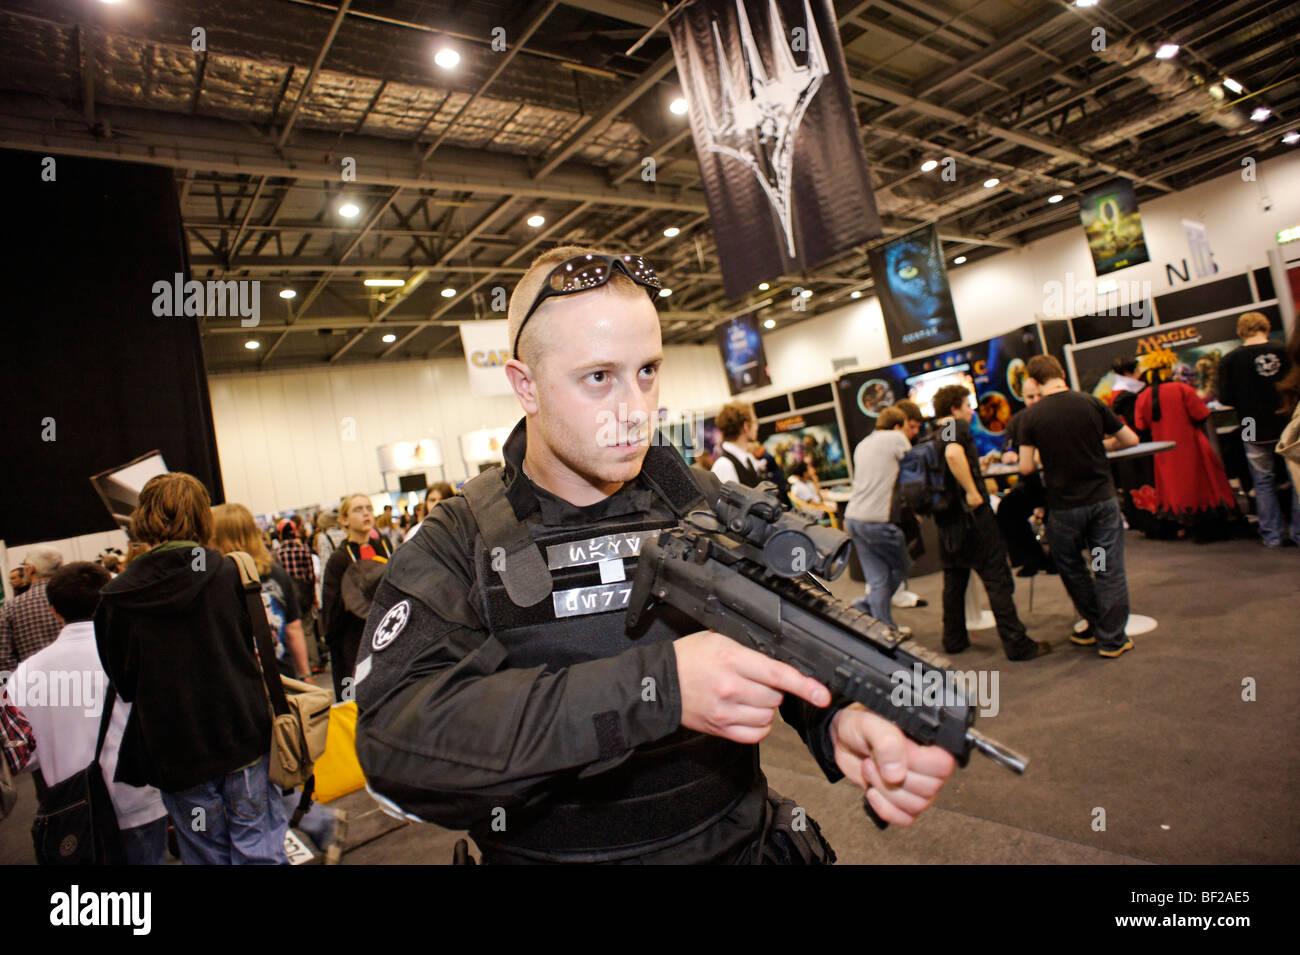 Ventilador con pistola falsos vestidos de traje personaje patrullando en la London MCM expo. Excel. Gran Bretaña Imagen De Stock